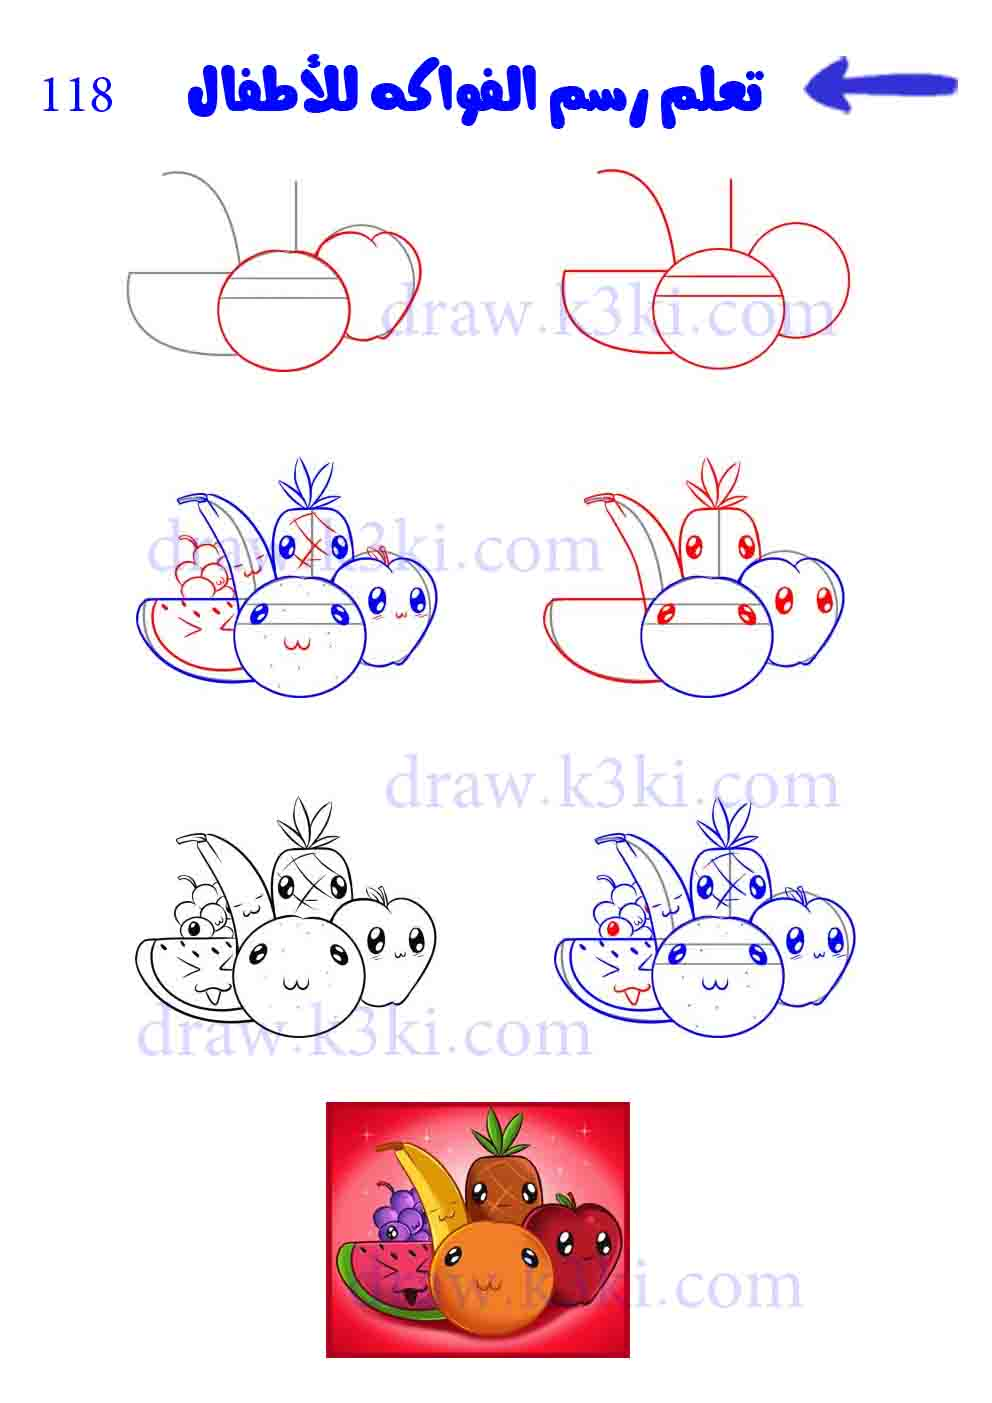 كيفية رسم الفواكه للأطفال How To Draw Fruits For Kids تعلم